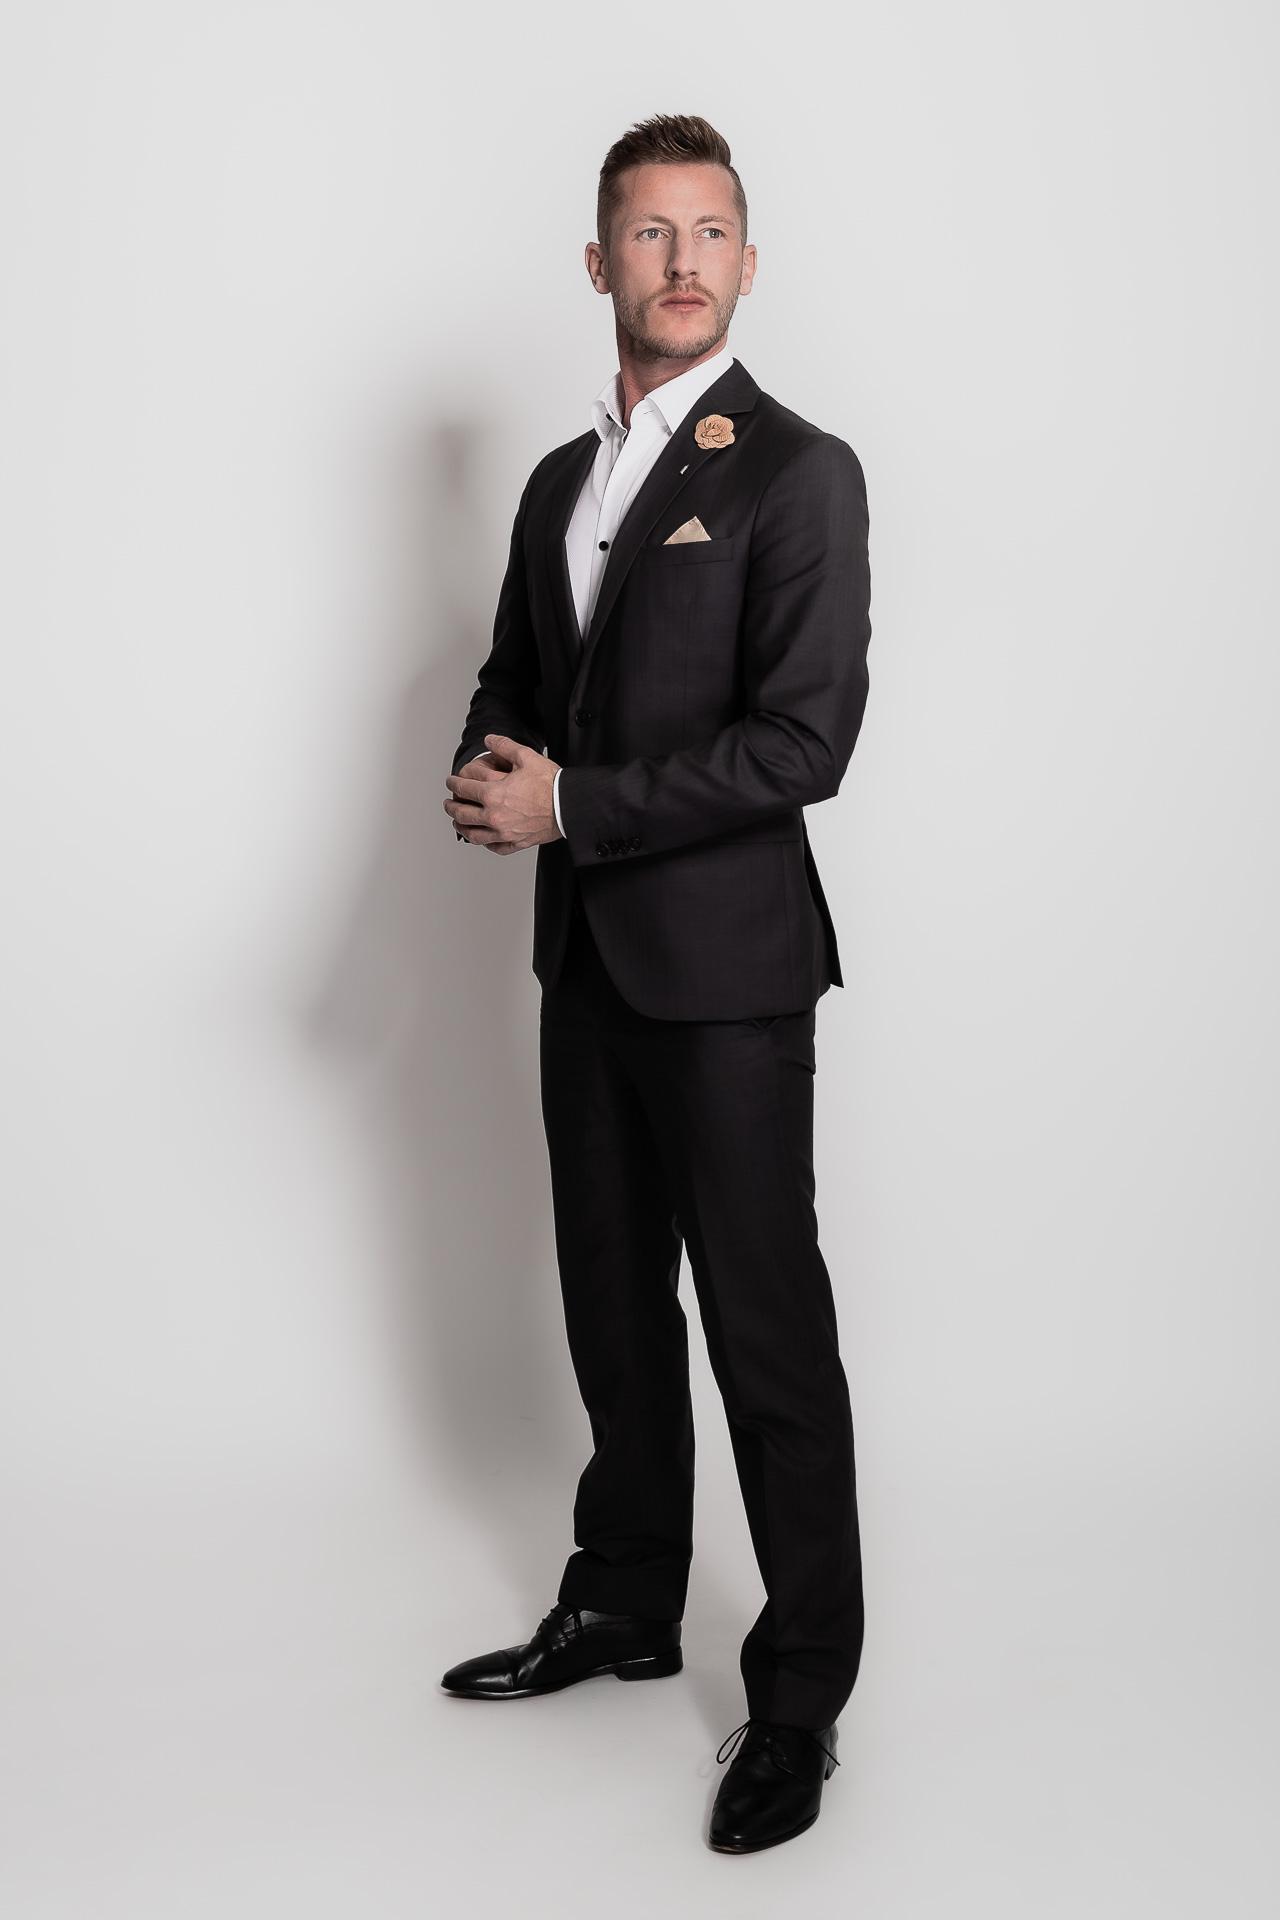 Männershooting, Mann im Anzug, sehr elegant